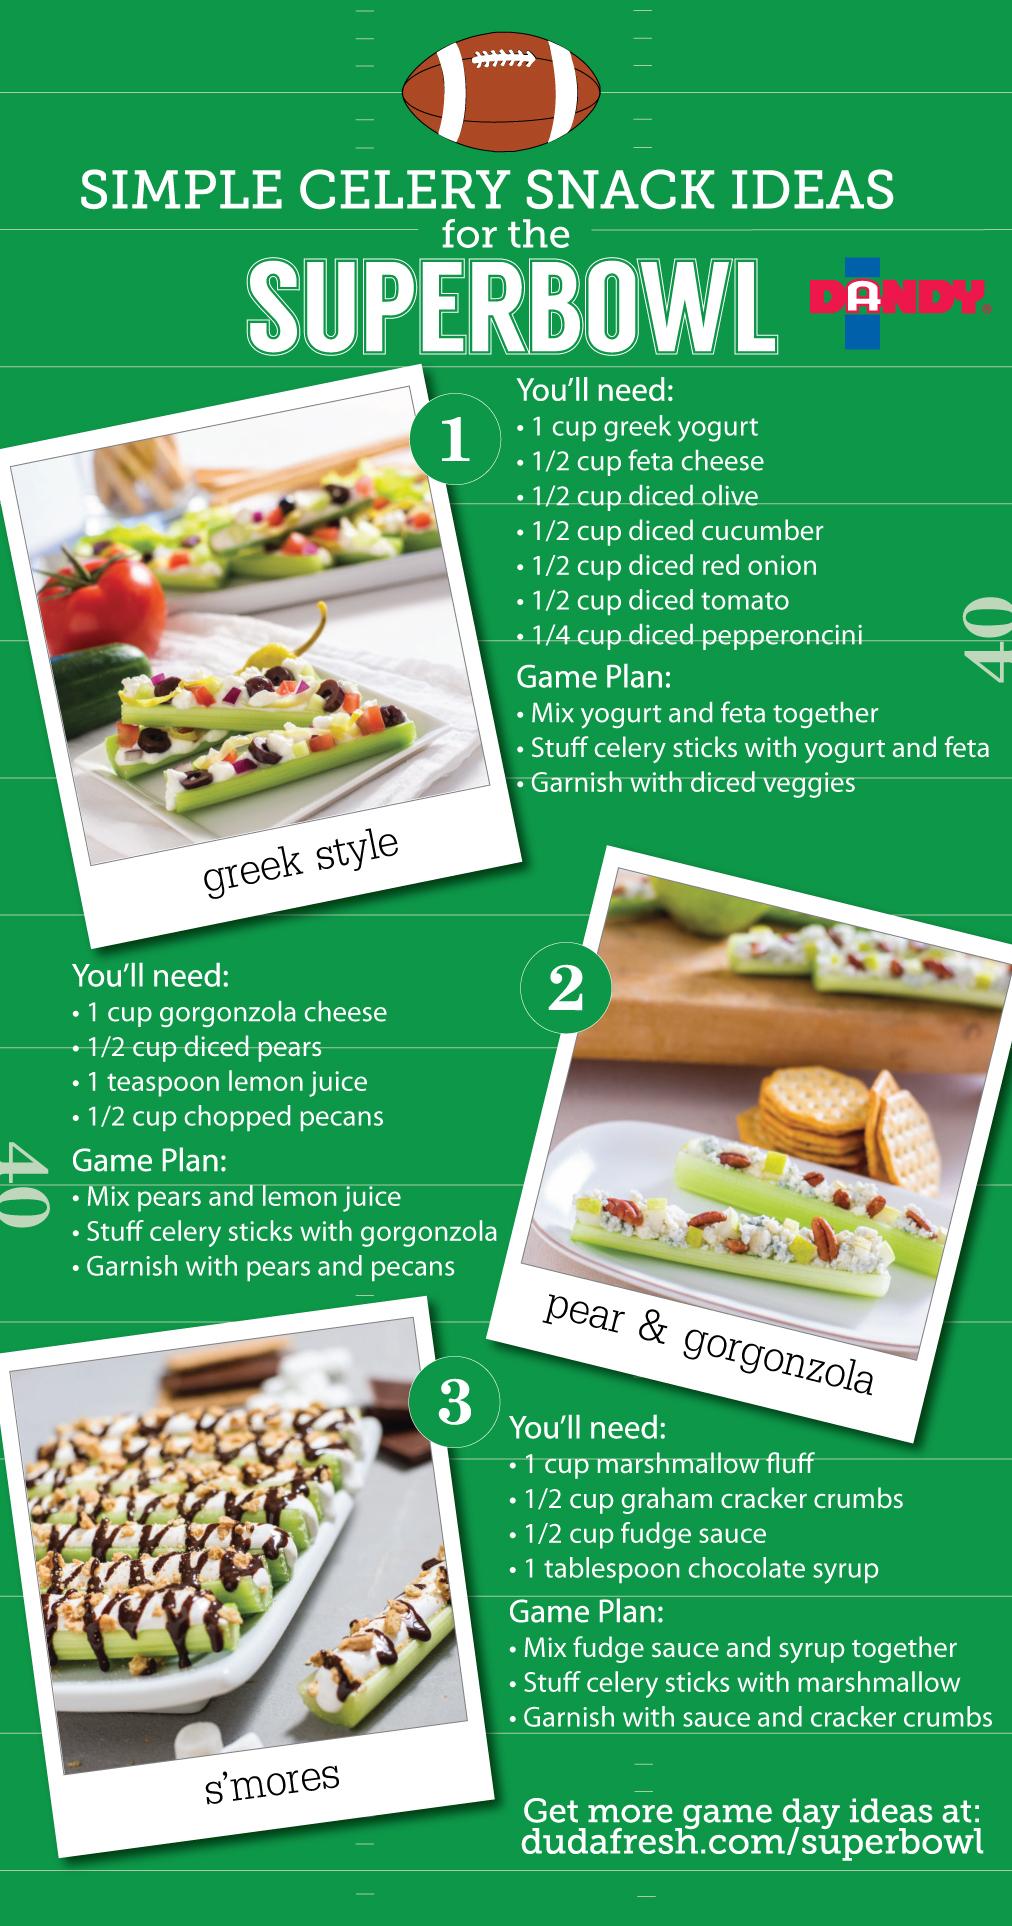 Superbowl Celery Snacks,  Duda Farms 2014